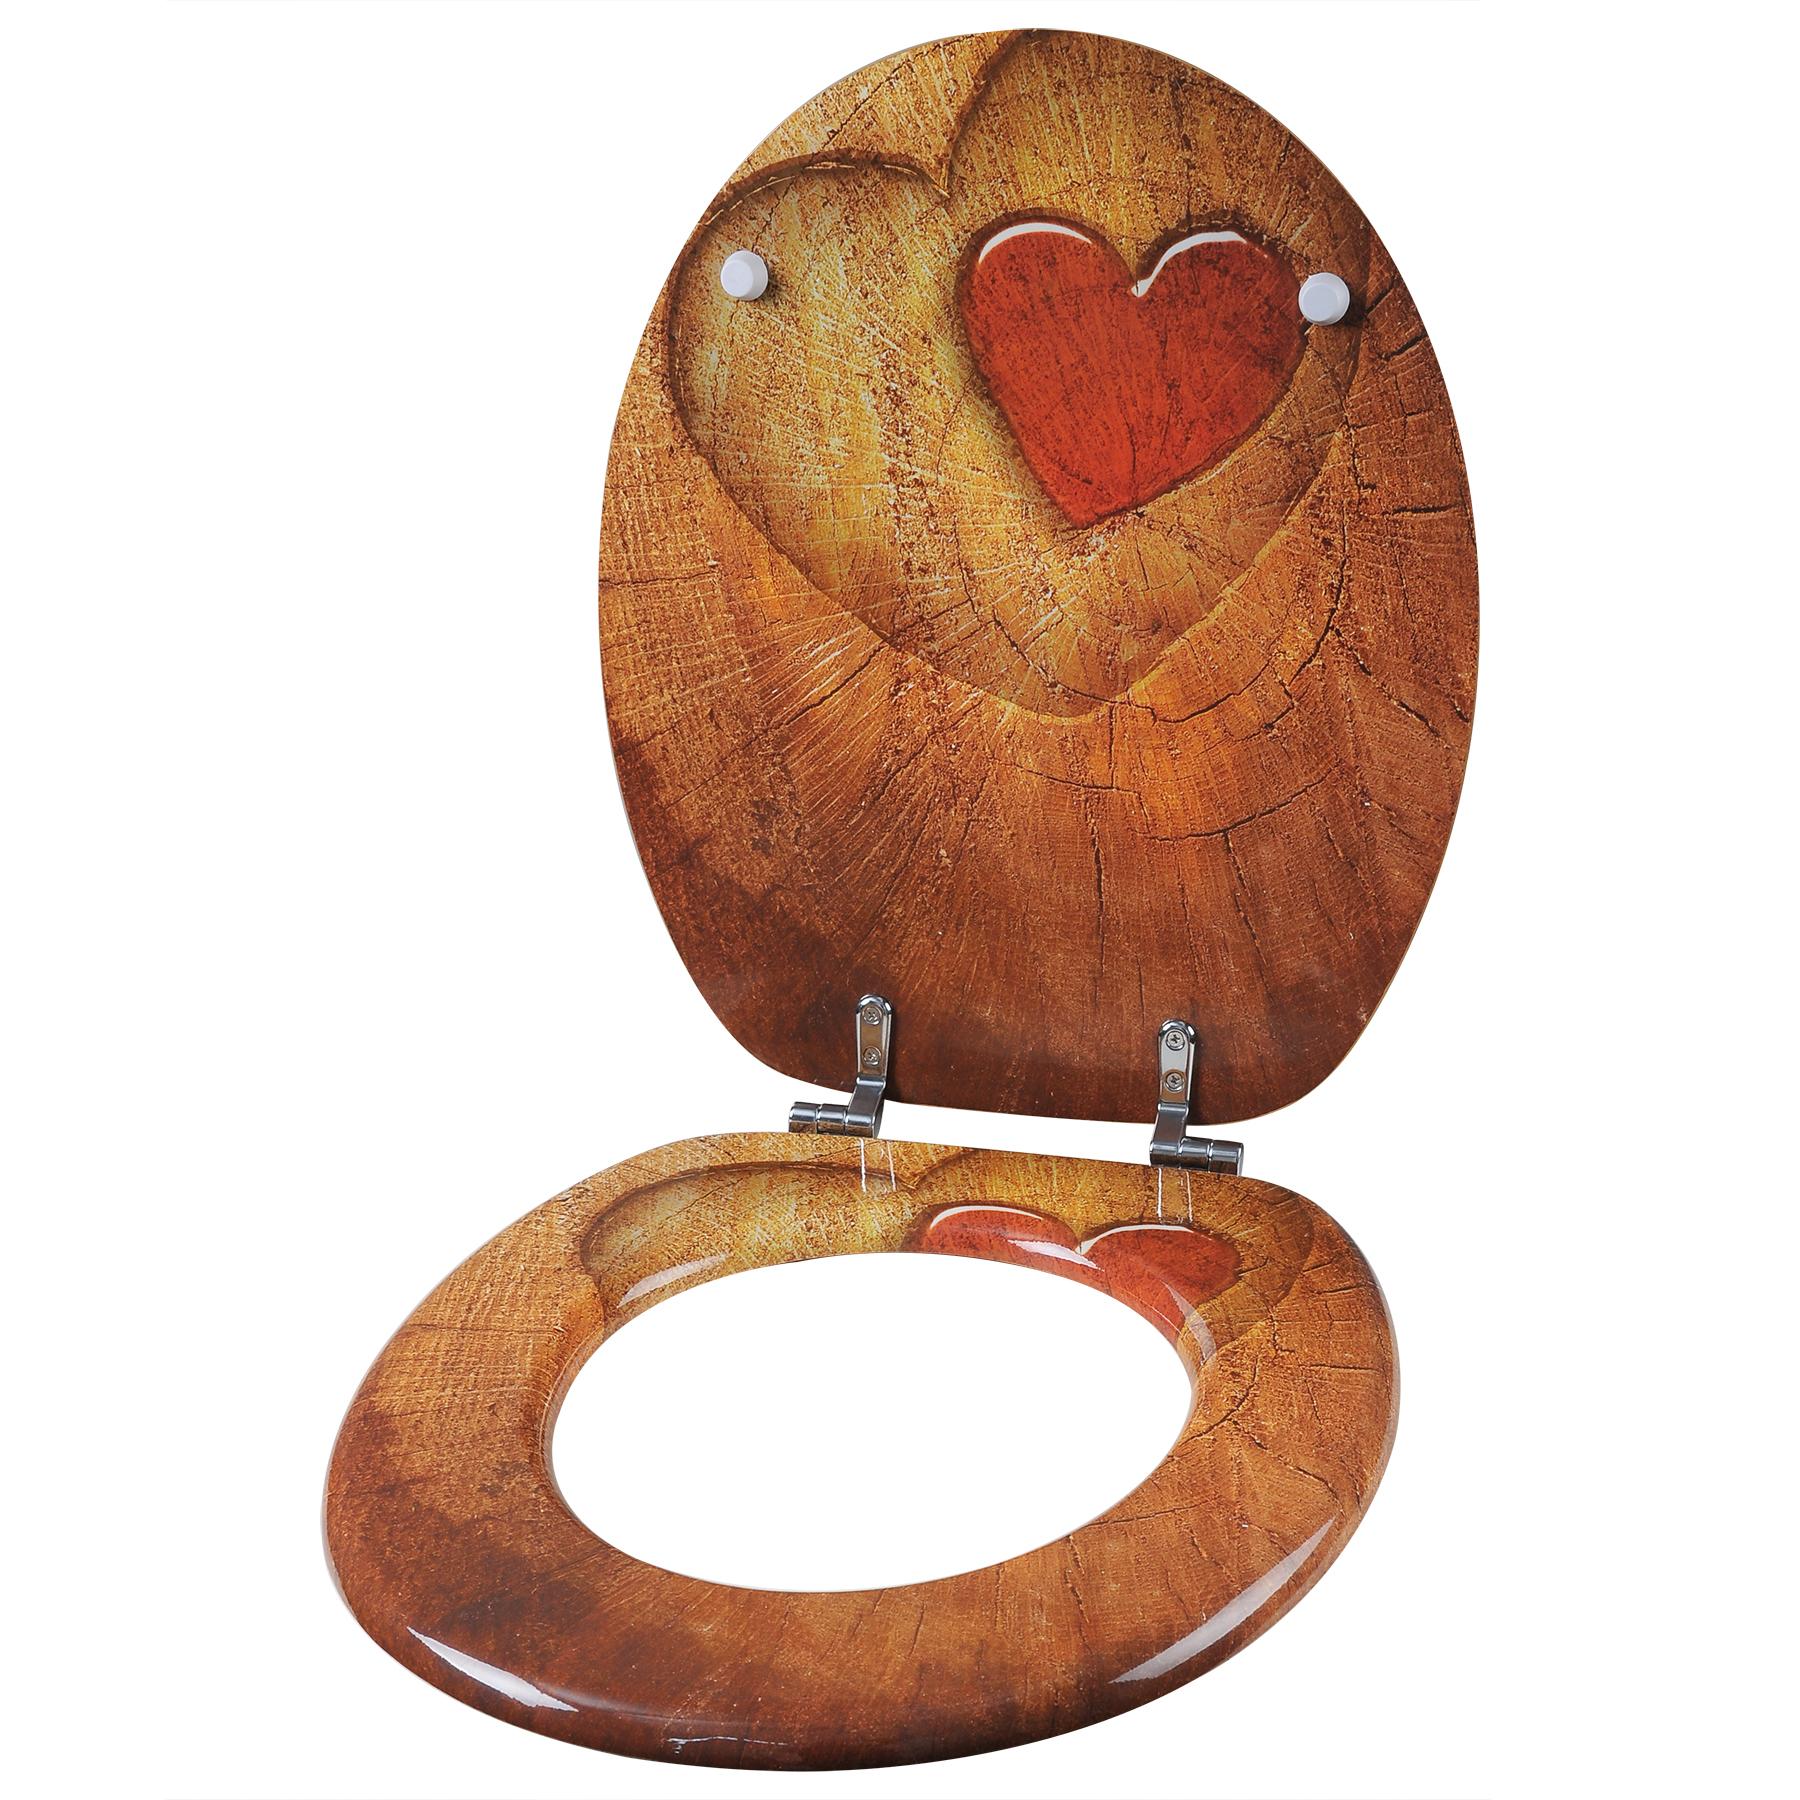 wc sitz klodeckel toilettensitz holz mdf toilettendeckel deckel klobrille ws2656. Black Bedroom Furniture Sets. Home Design Ideas